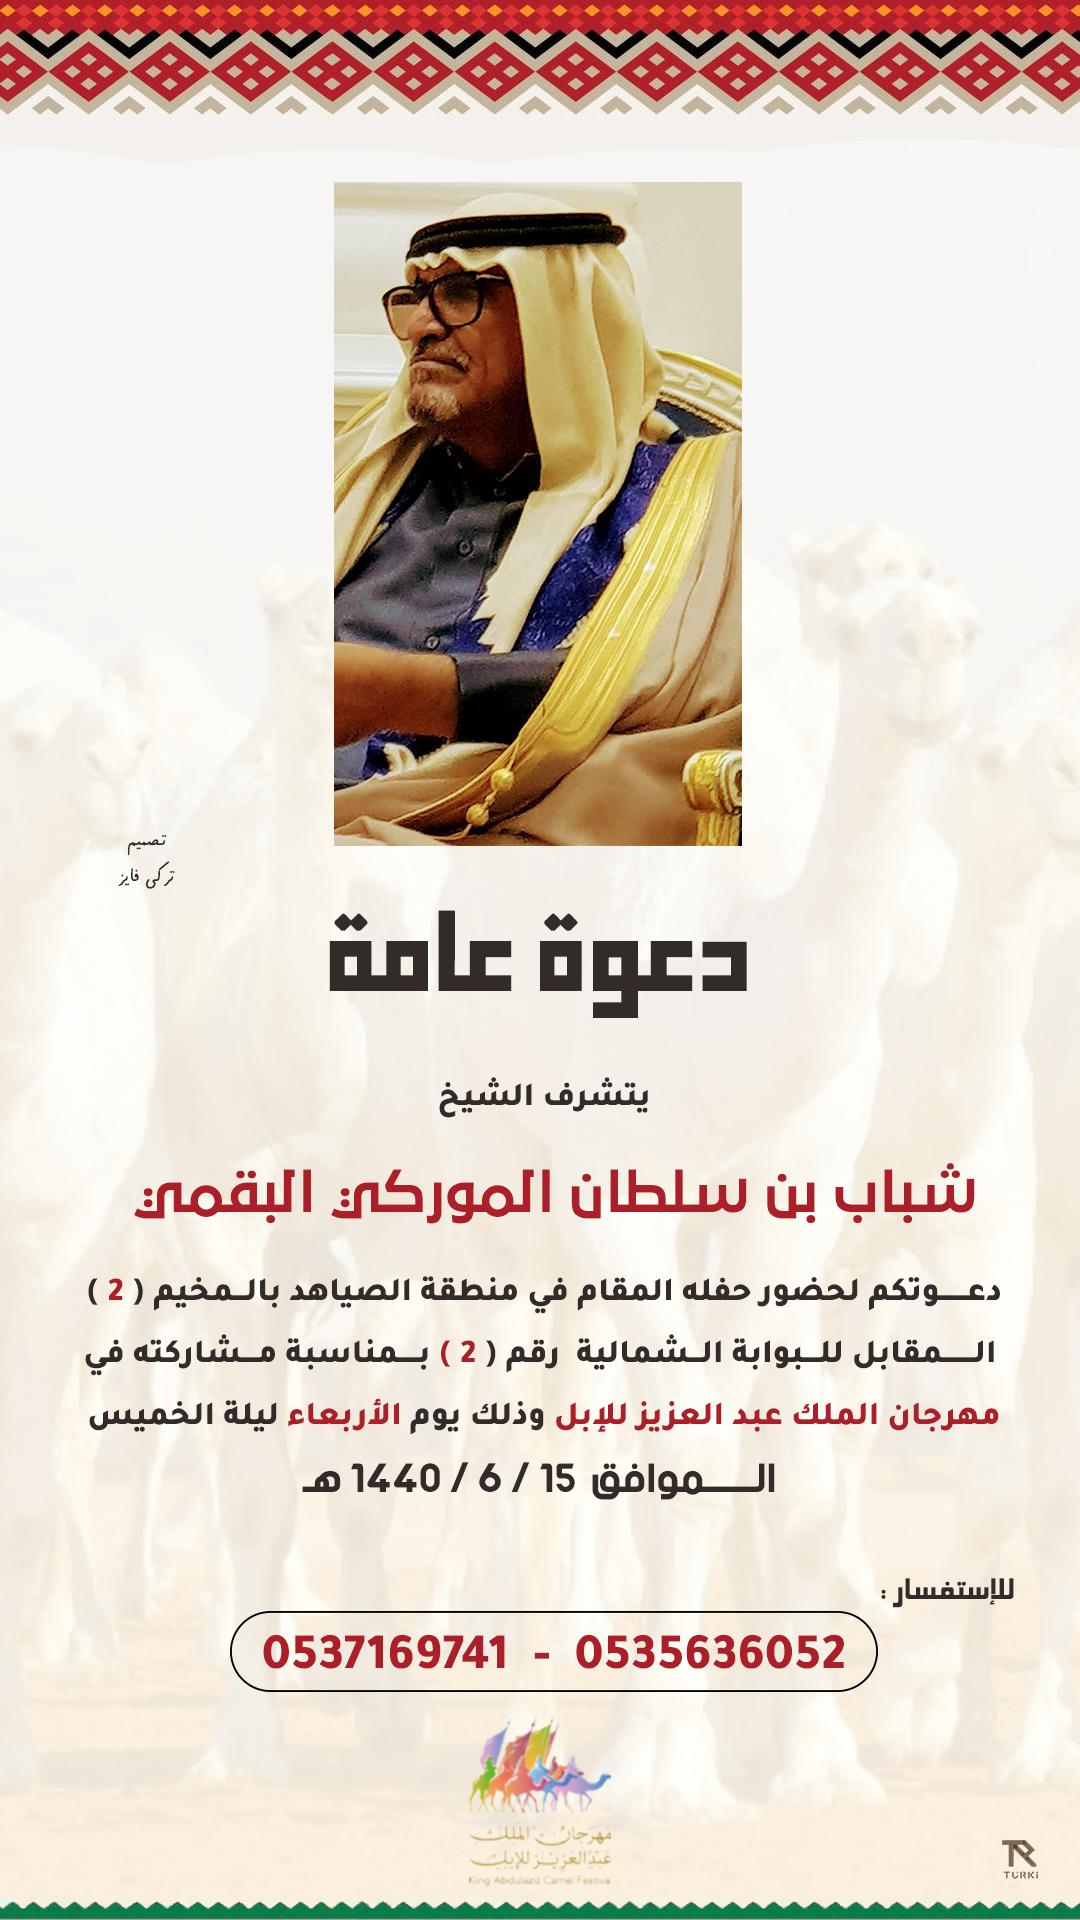 تصميم دعوة مزاين الإبل مهرجان الملك عبد العزيز للإبل Movie Posters Poster Movies